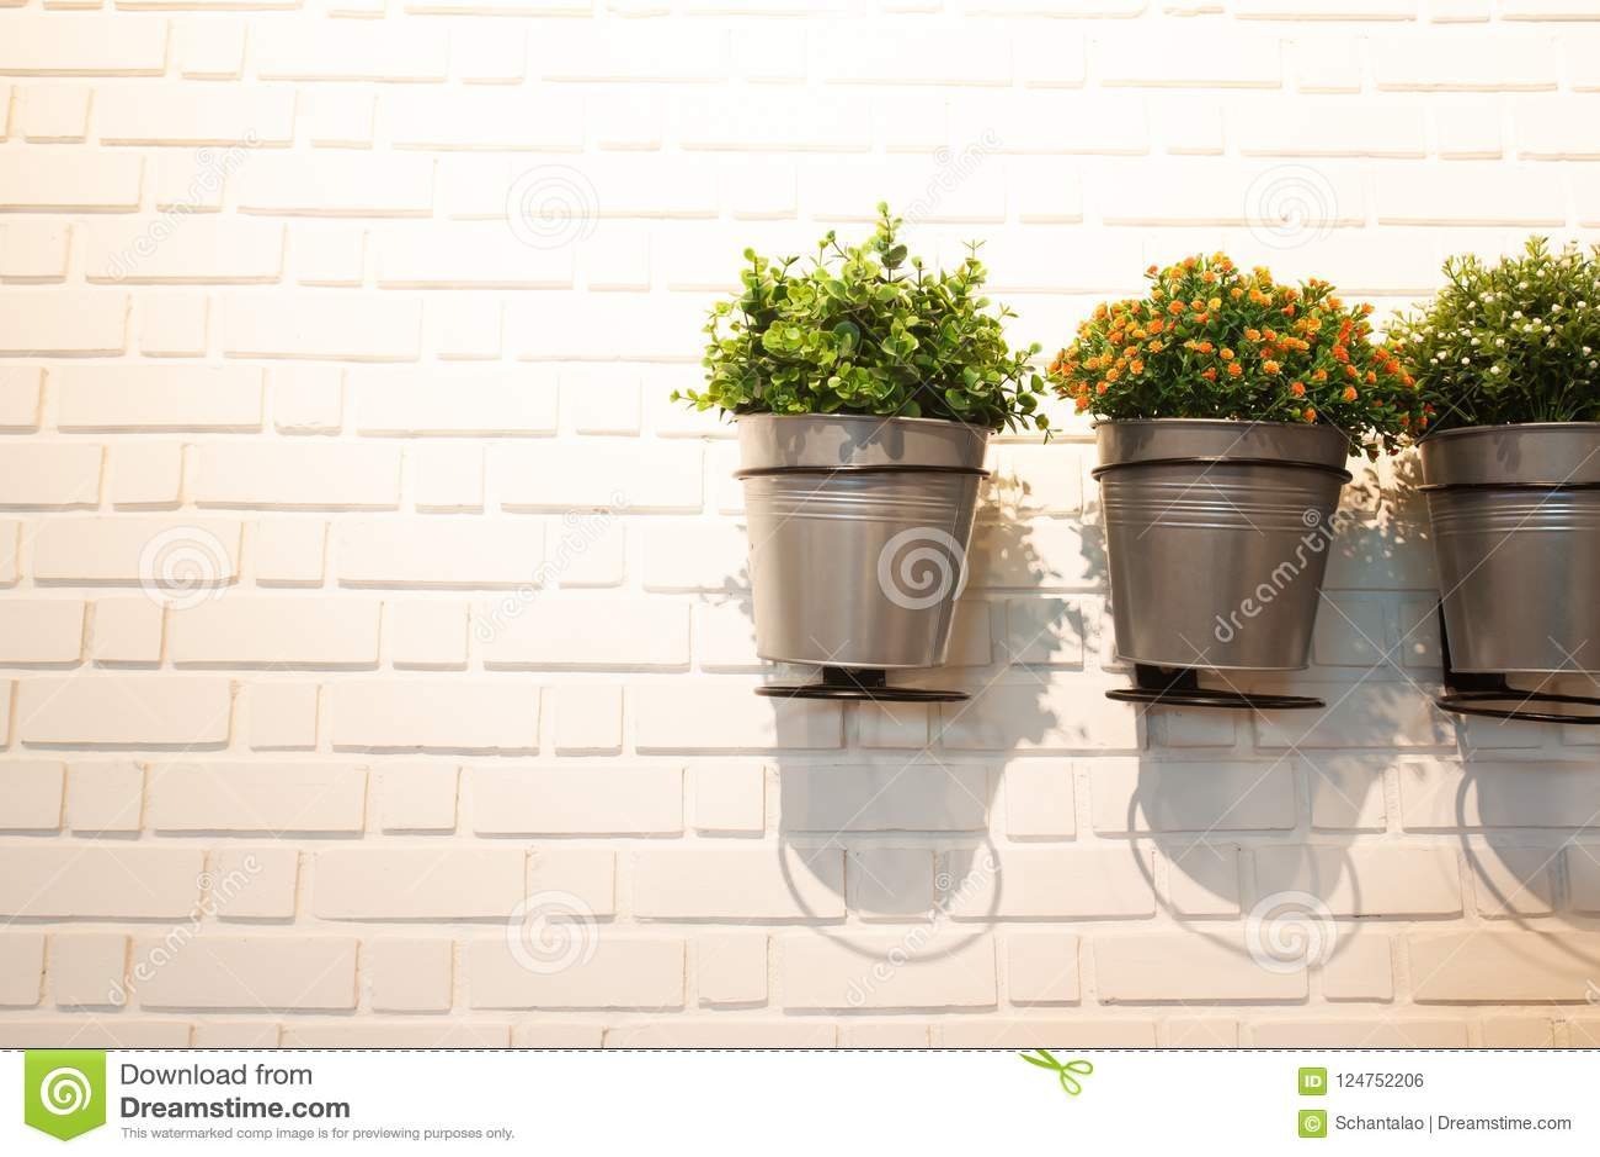 Plante Sur Les Murs intérieur moderne de mur avec peu de plante en pot de jardin